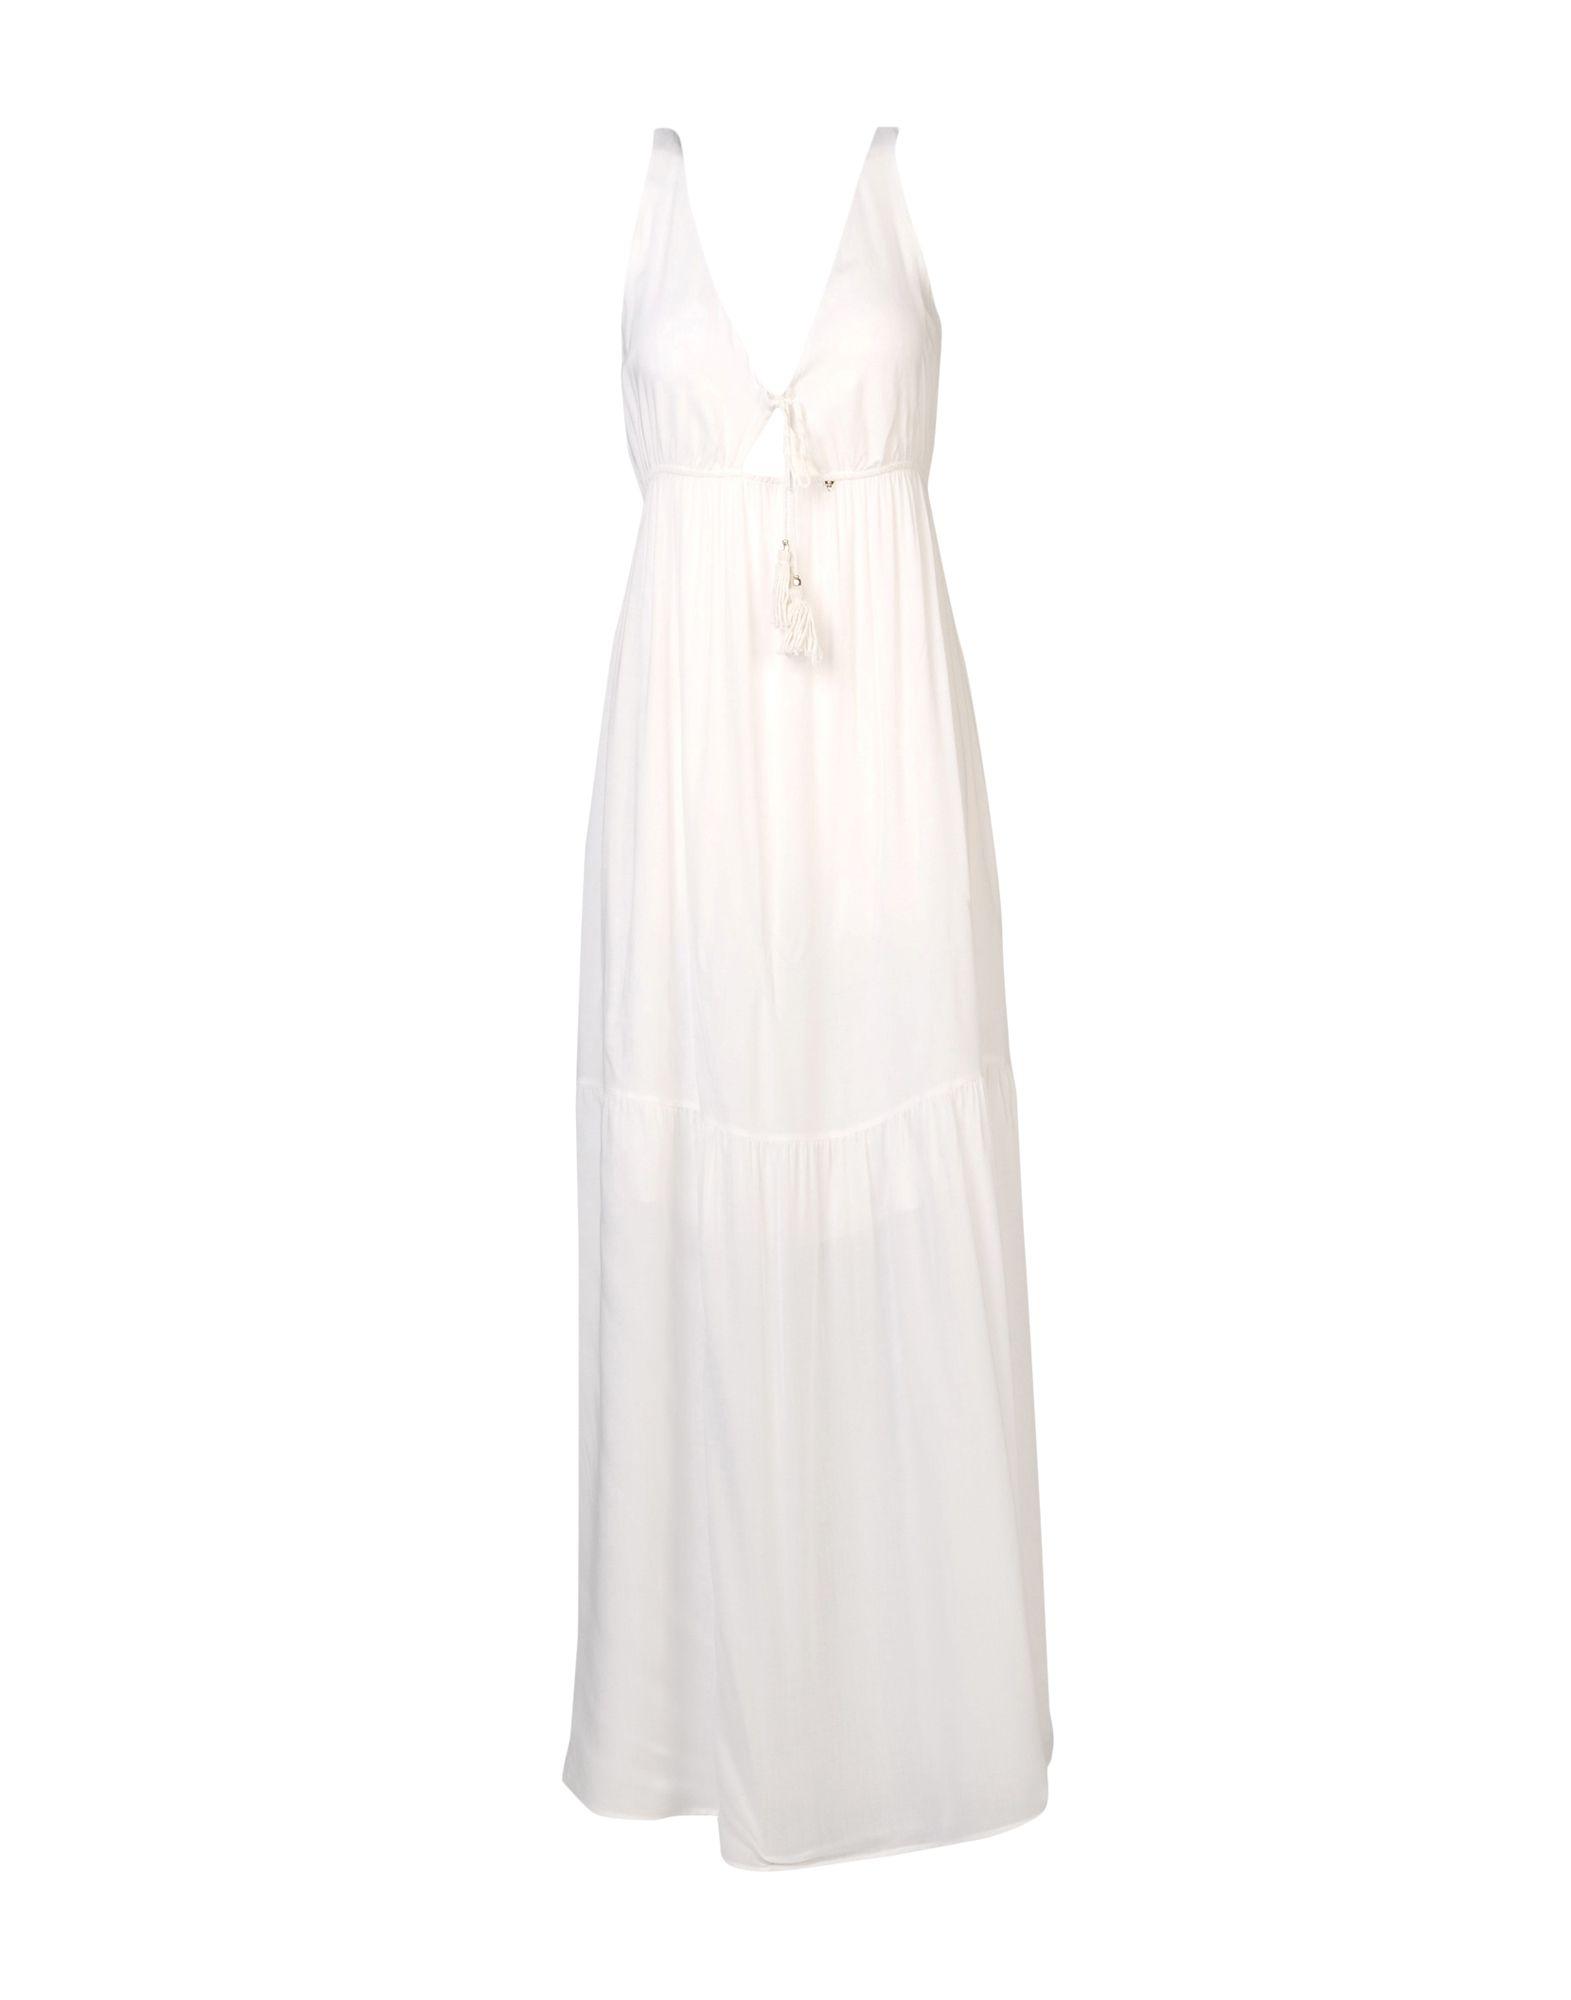 GUESS Платье длиной 3/4 памук о рыжеволосая женщина